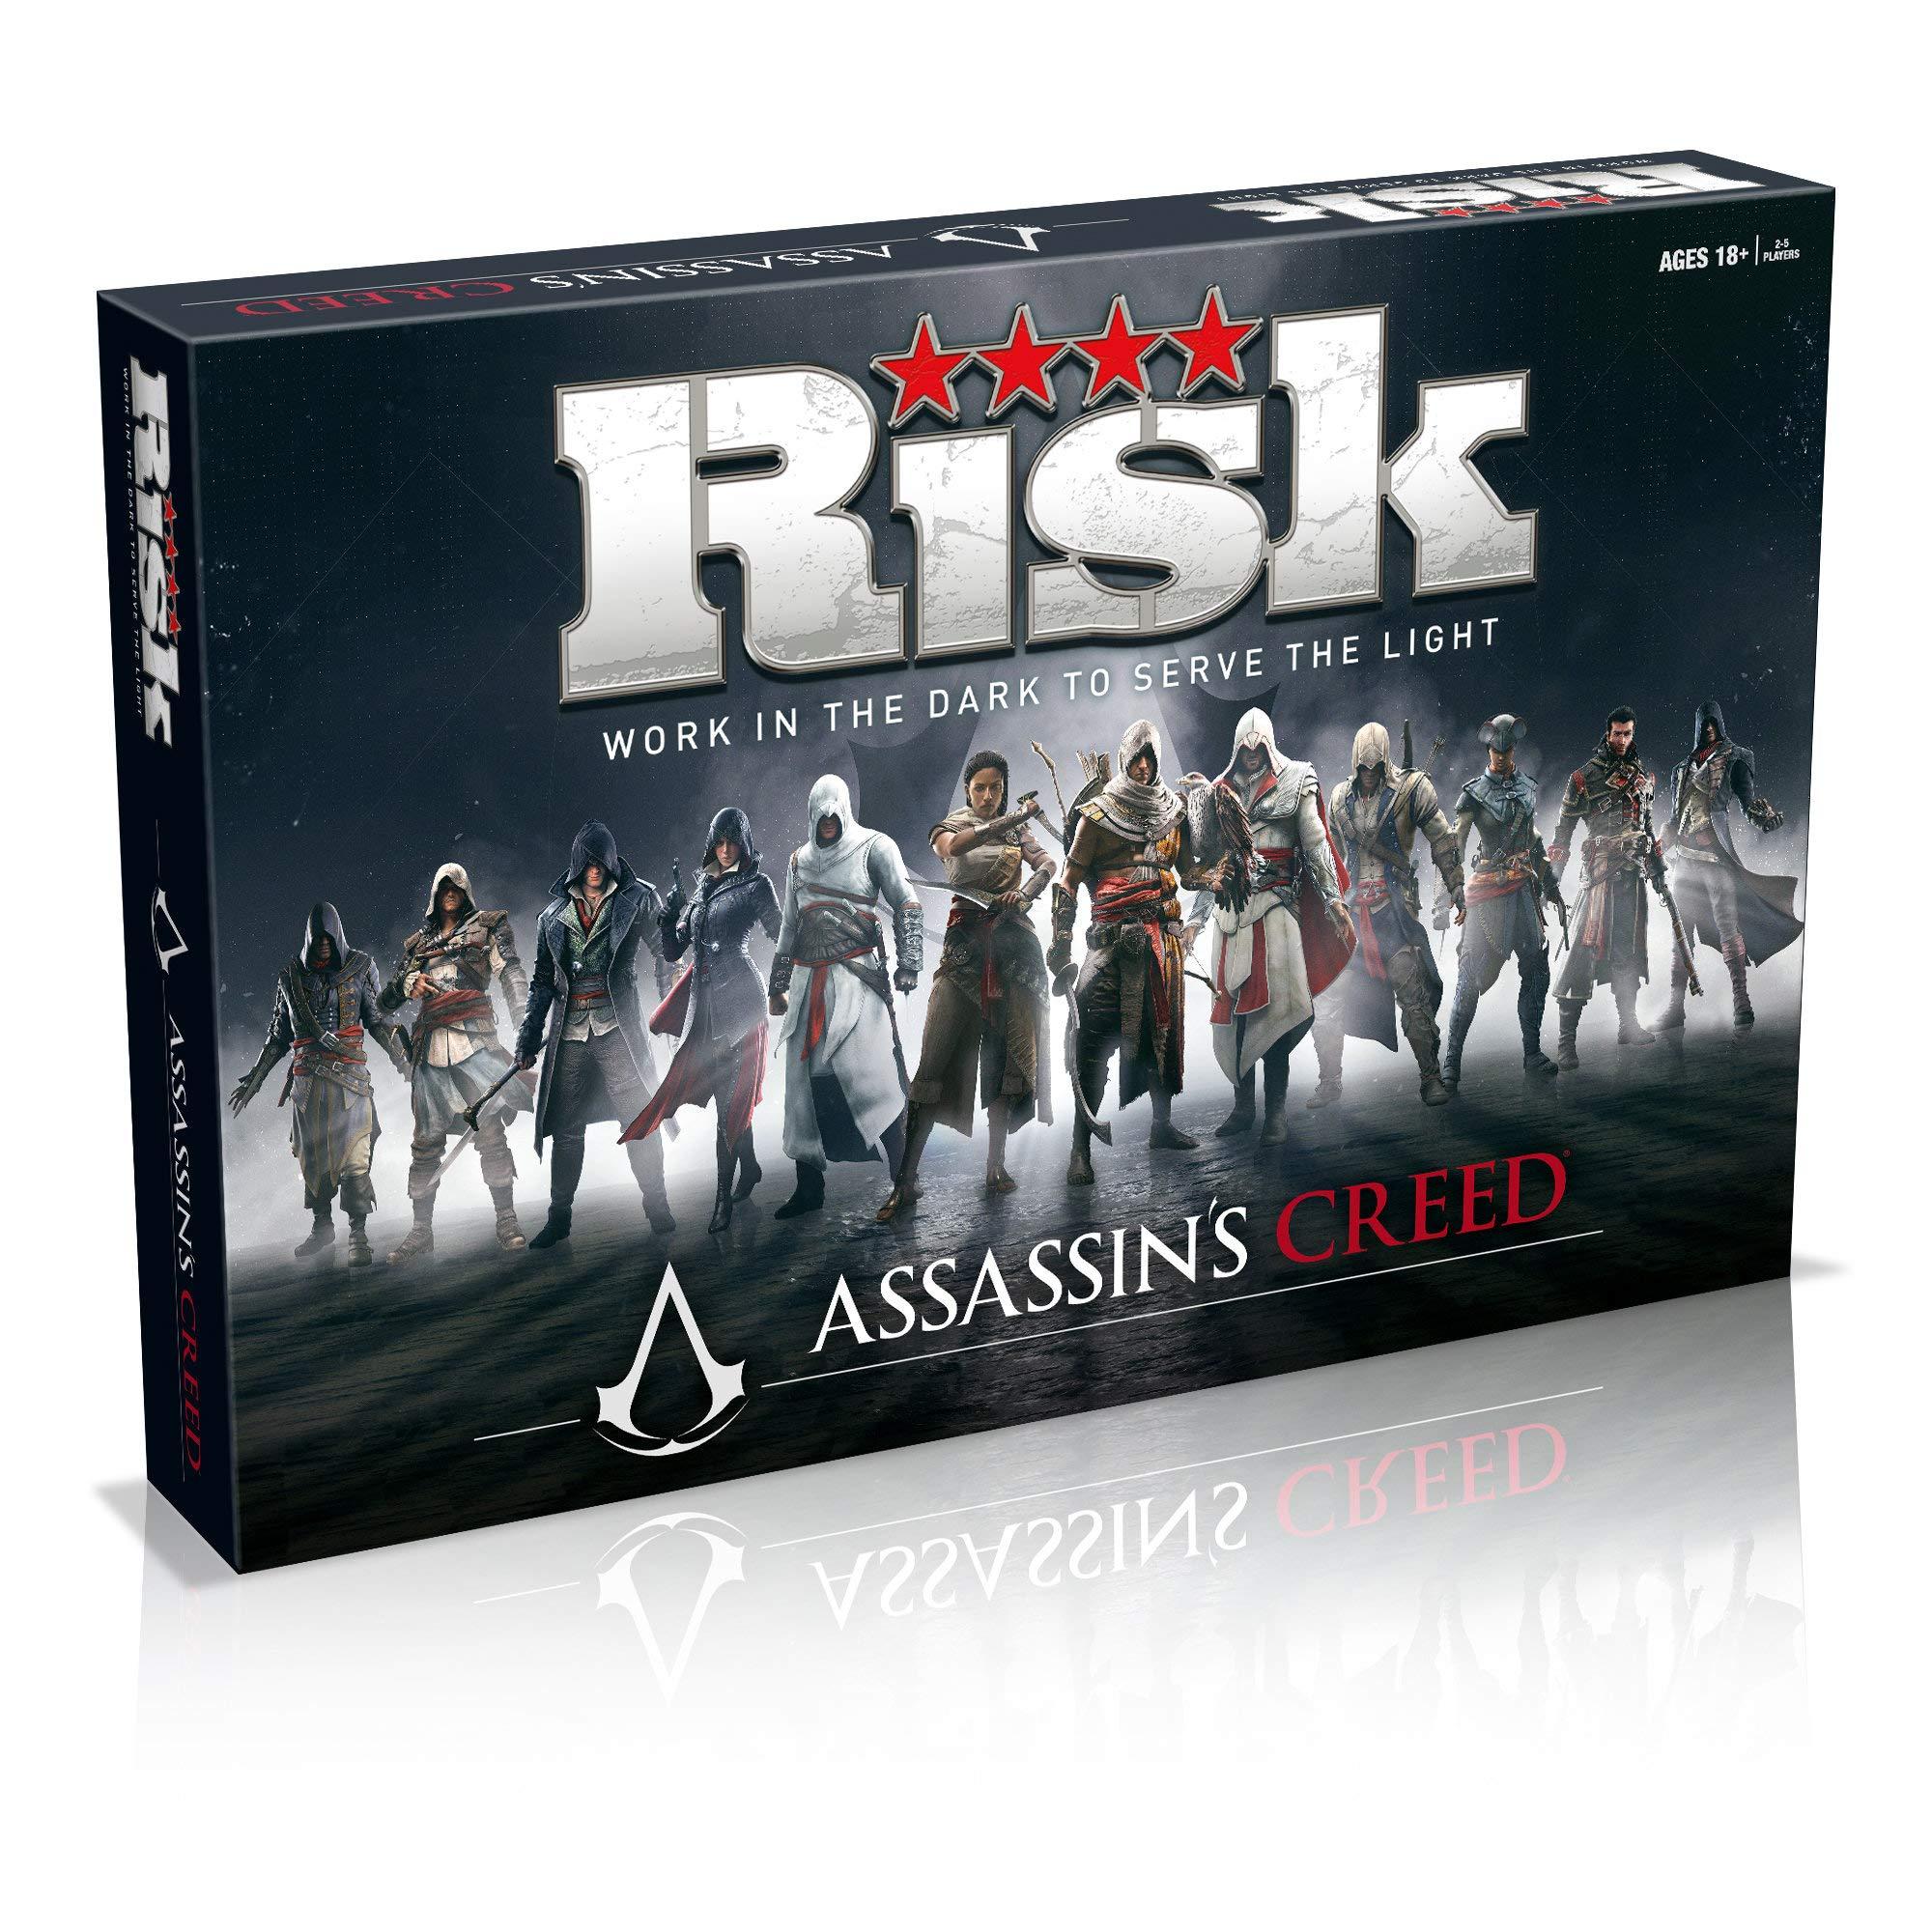 Assassins Creed Risk Board Game: Amazon.es: Libros en idiomas ...